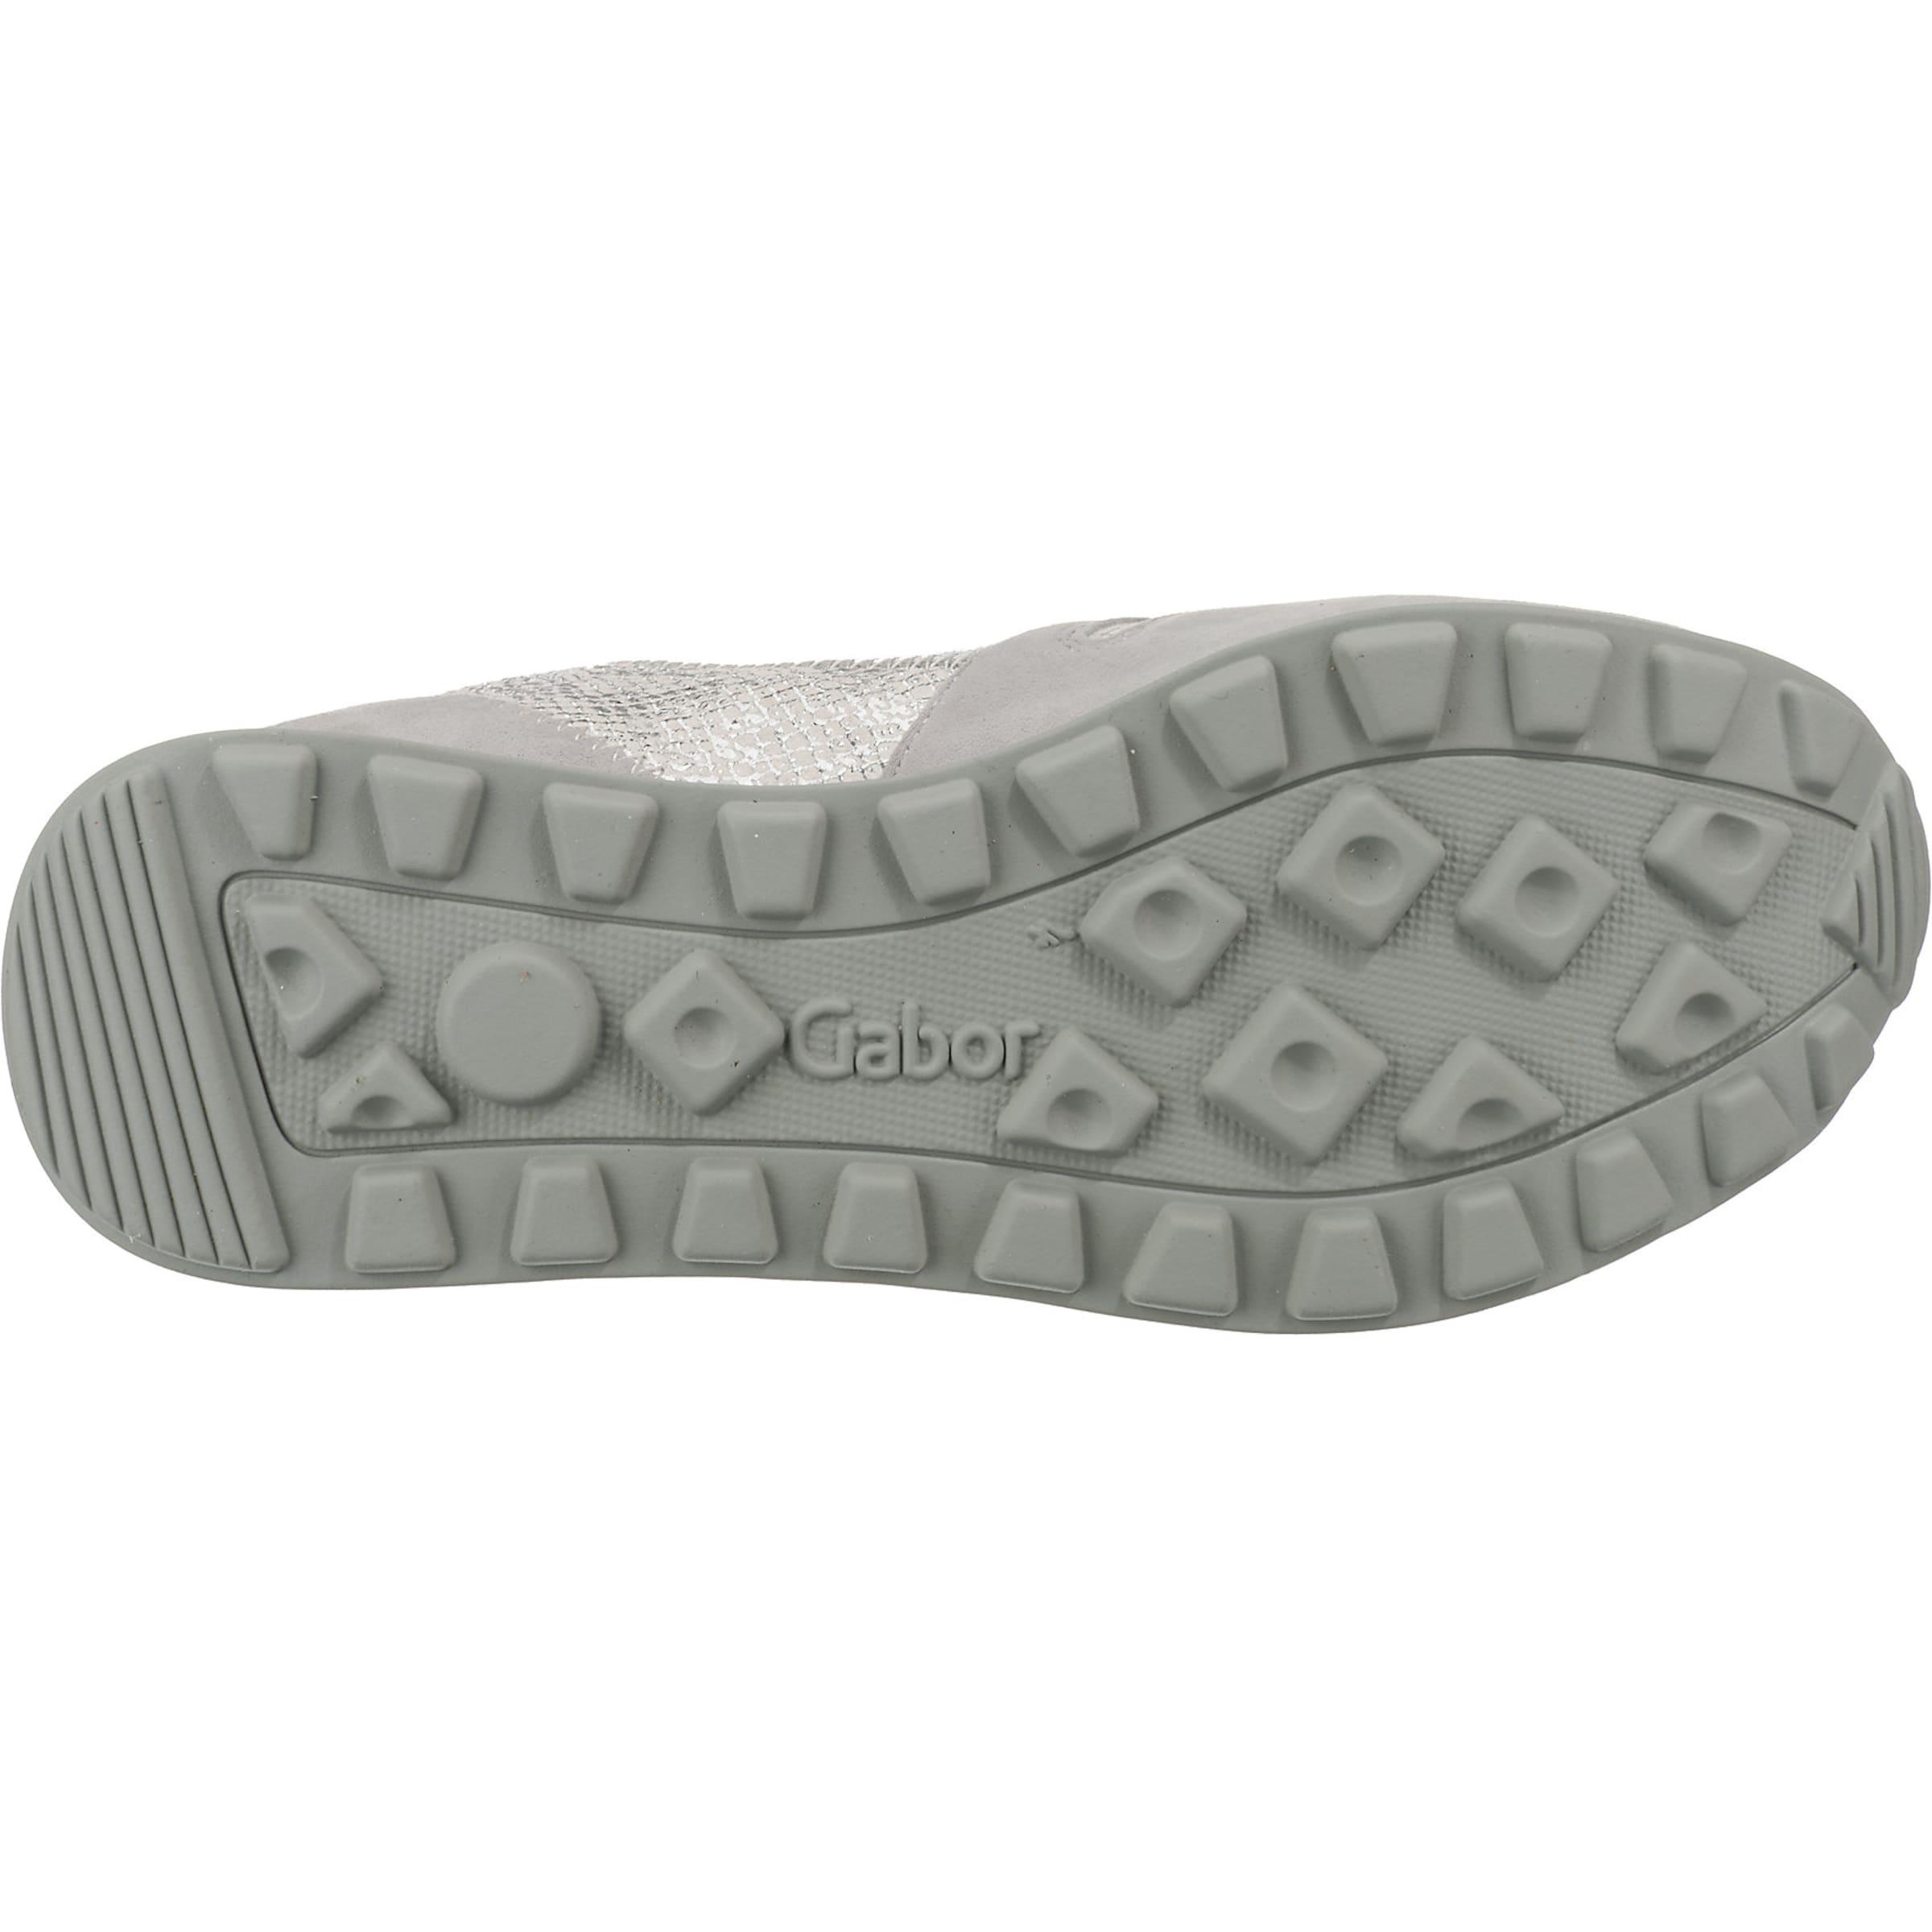 Sneakers Gabor Gabor GrauSilber Weiß In GrauSilber Sneakers Weiß Gabor In xBoQrdCtsh